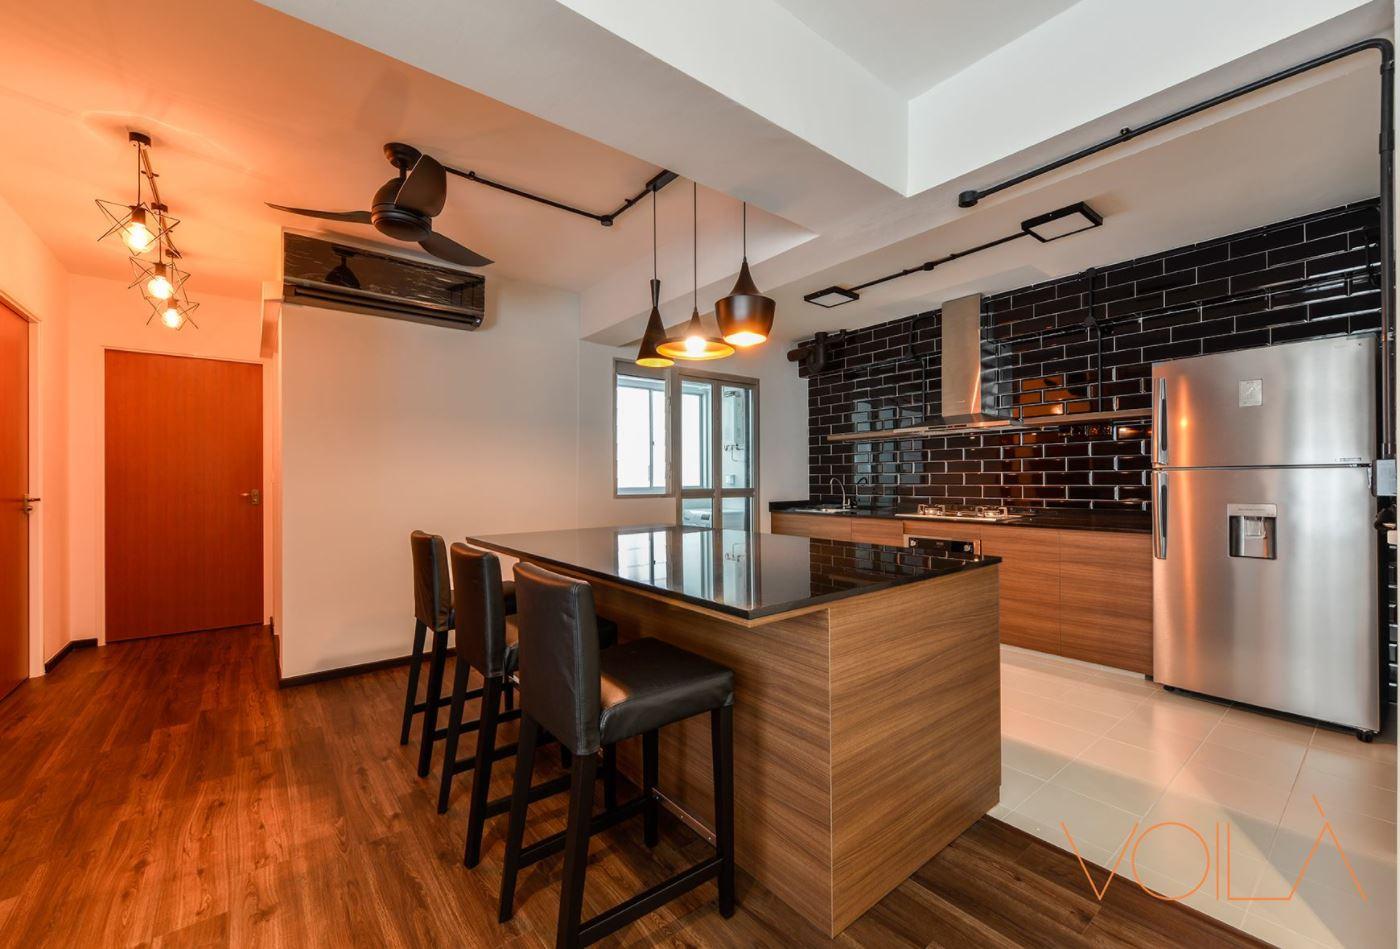 Cozinhas Conceito Aberto As Cozinhas Modernas Geralmente Combinam  -> Fotos De Cozinha Conceito Aberto